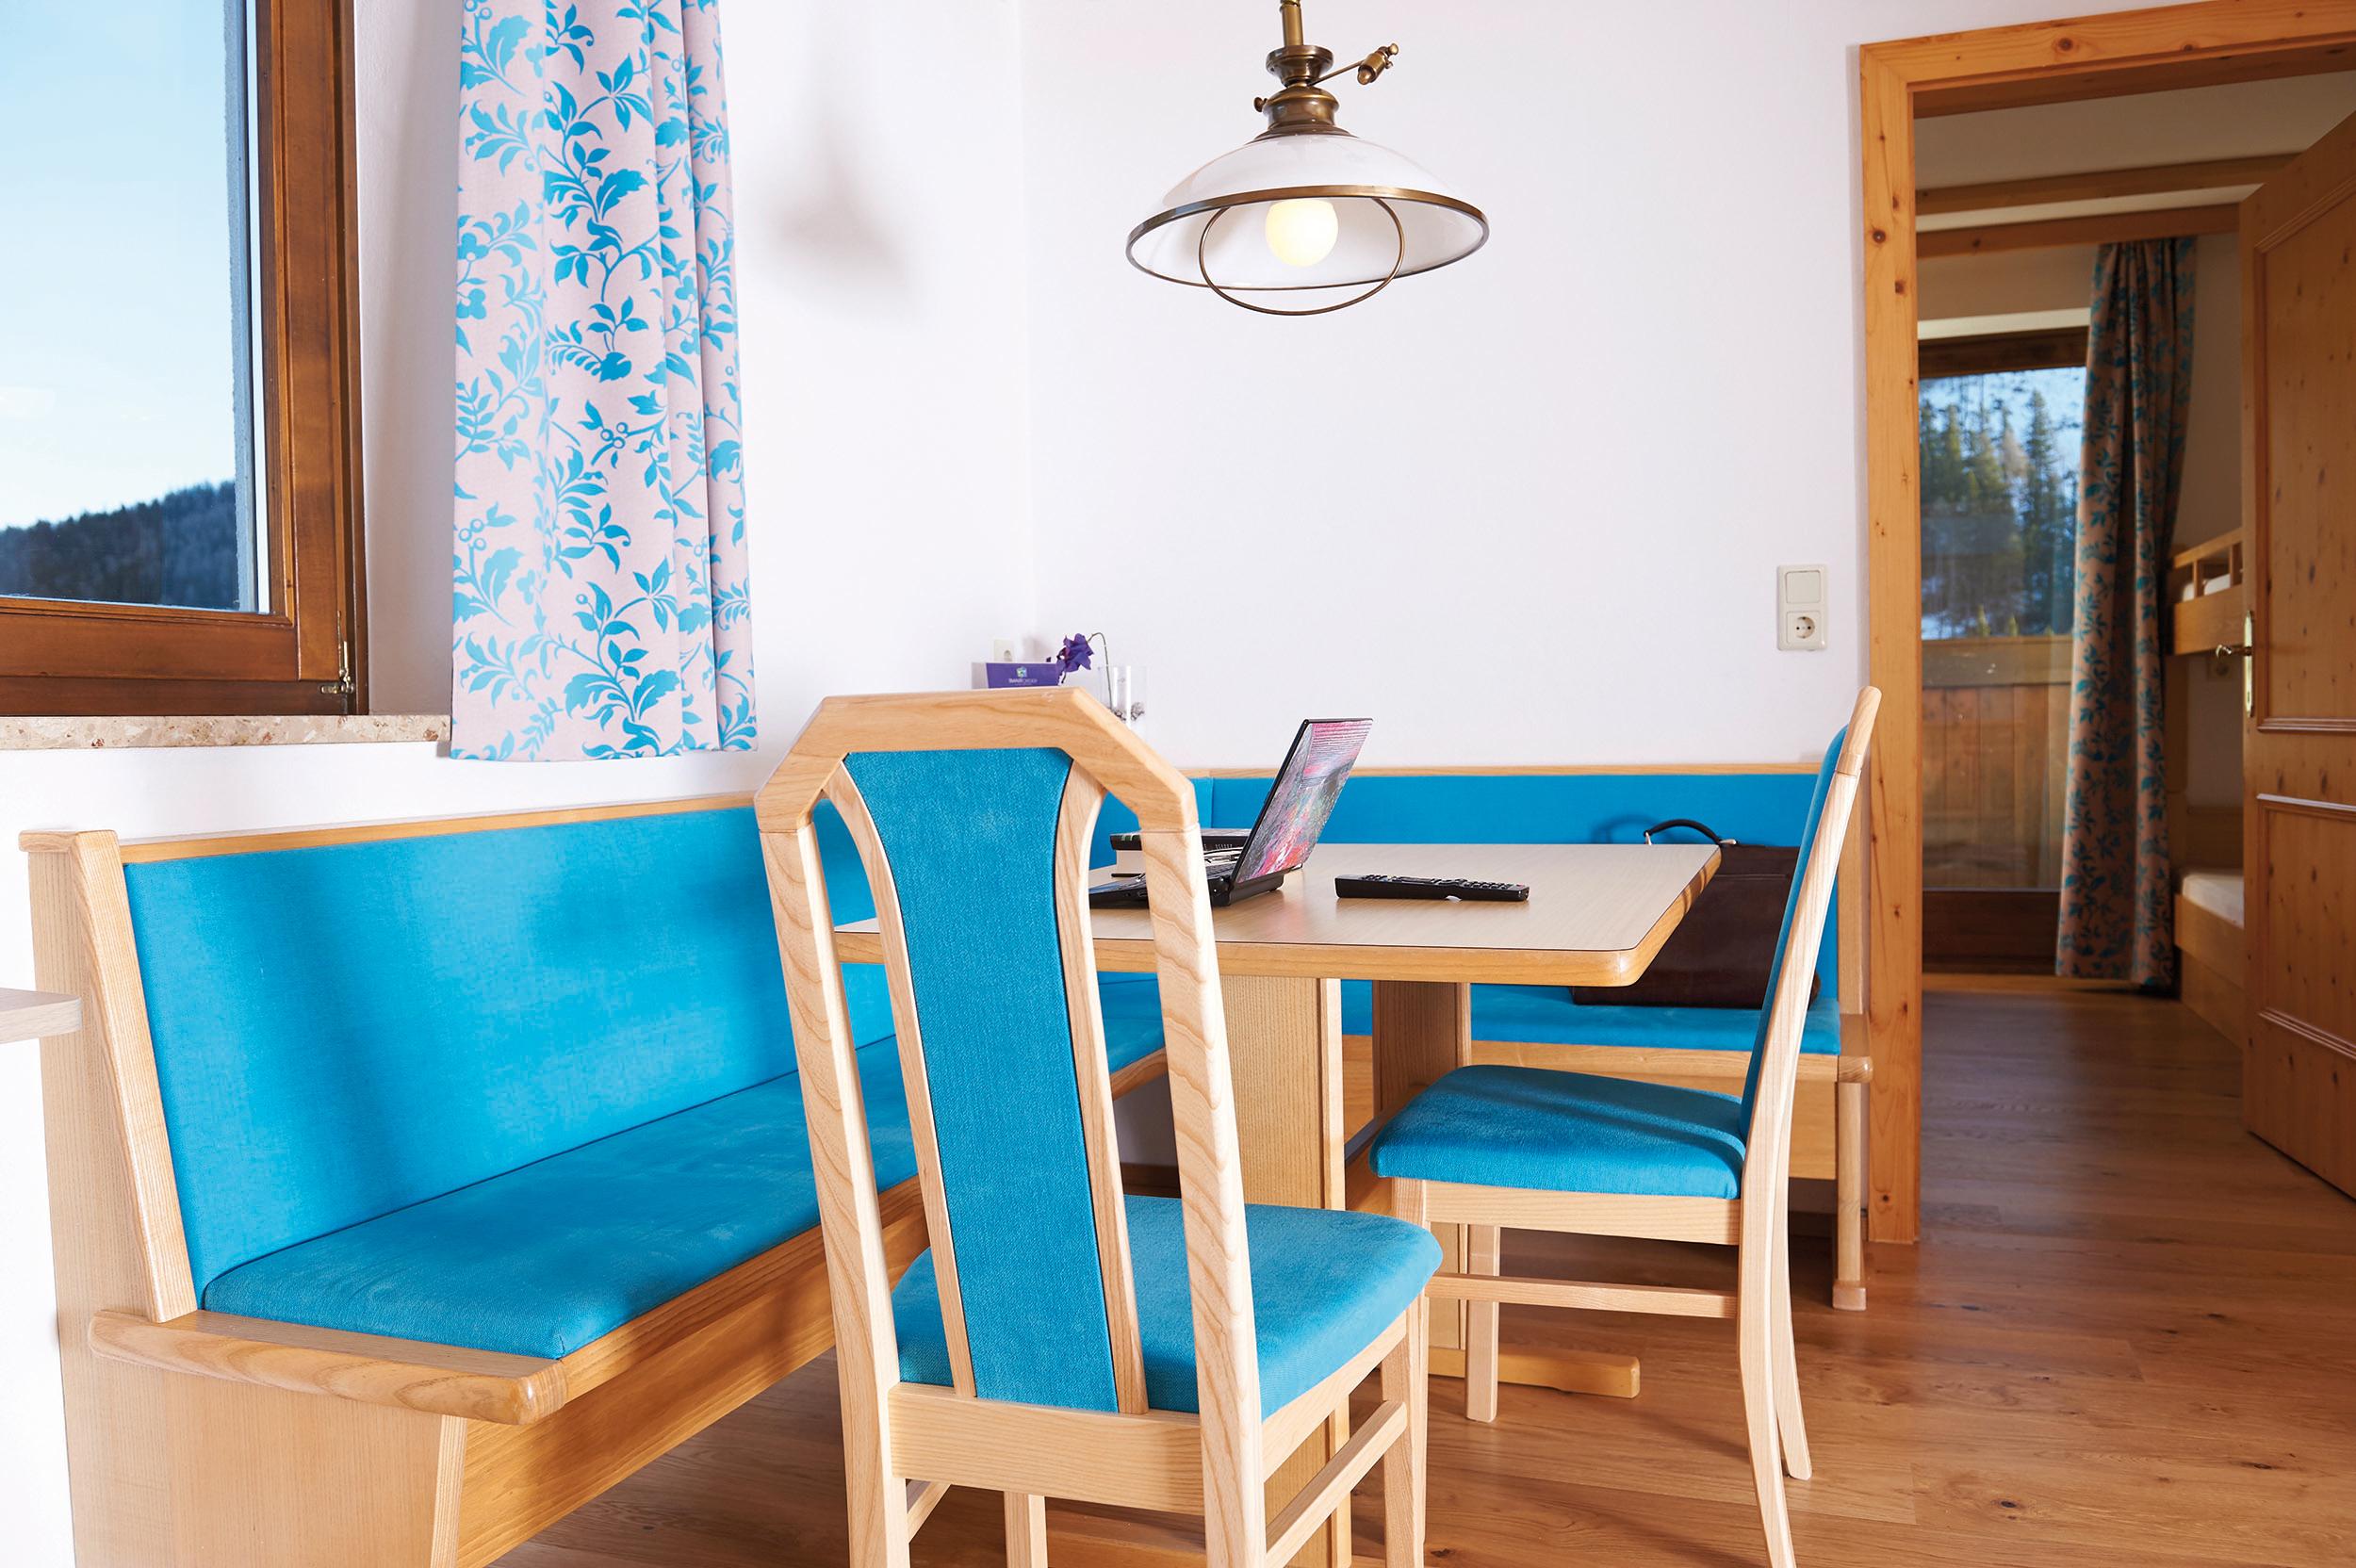 essecke kareck 1 apartments hutter katschberg aparthotel hutter. Black Bedroom Furniture Sets. Home Design Ideas